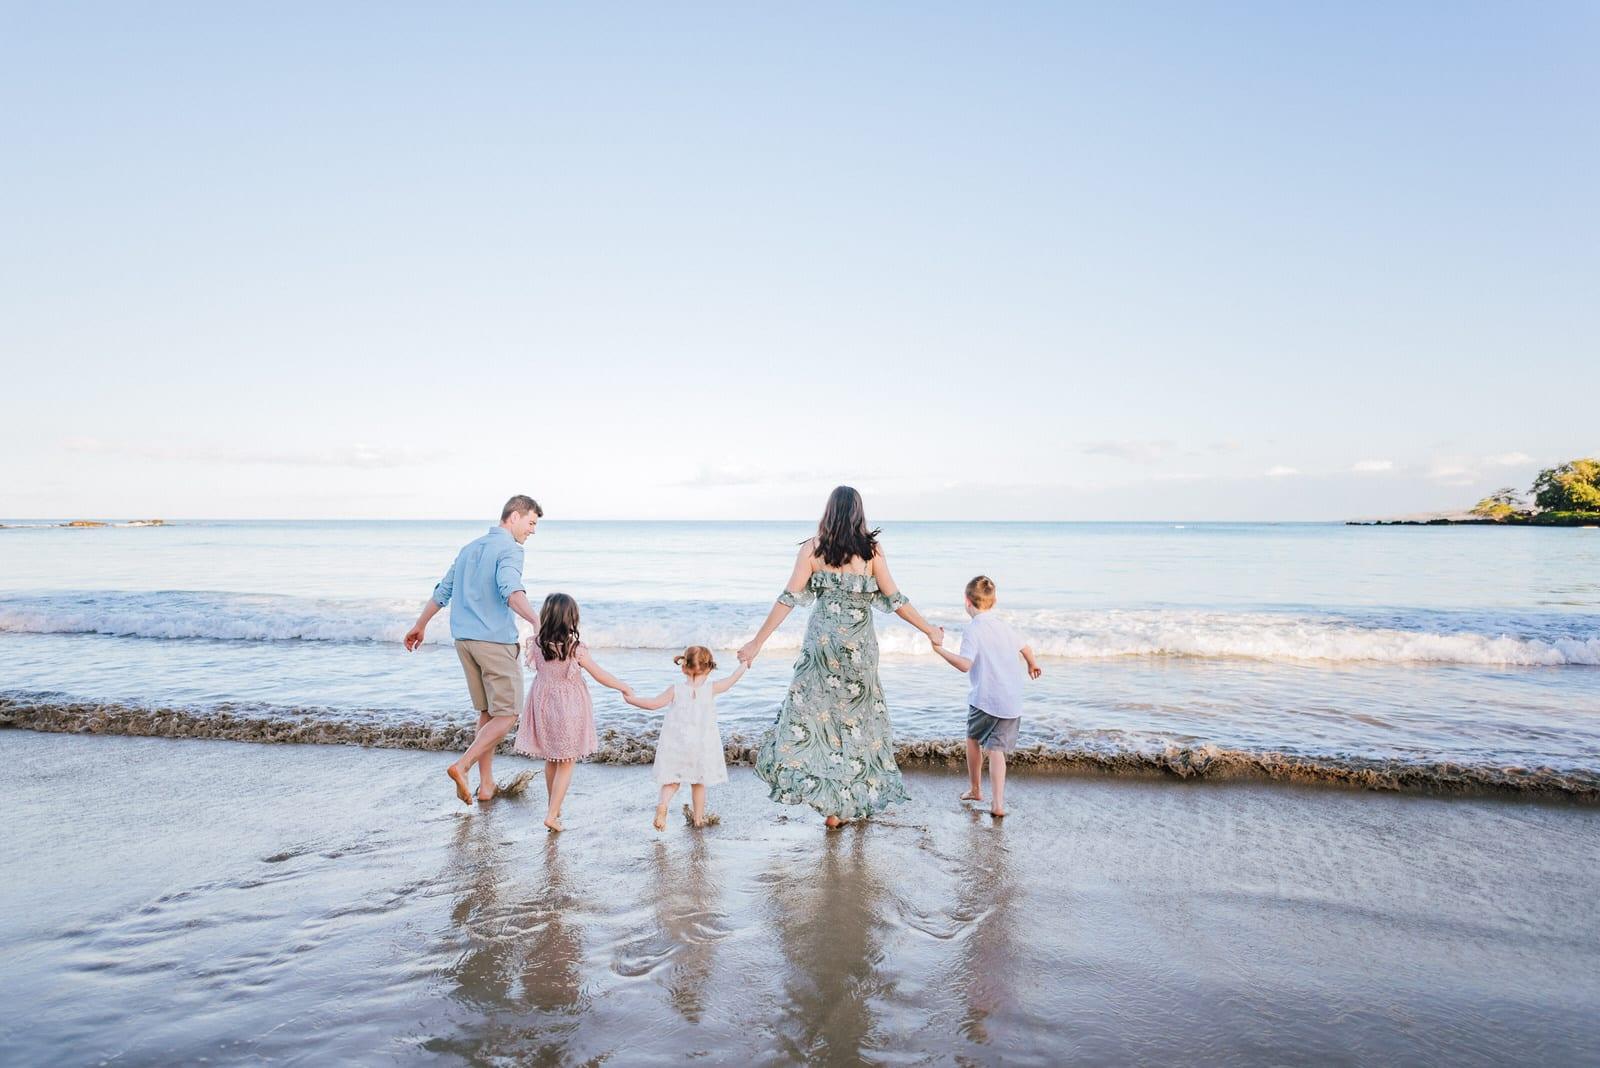 beach-family-photos-sunrise-hawaii-photographers-27.jpg